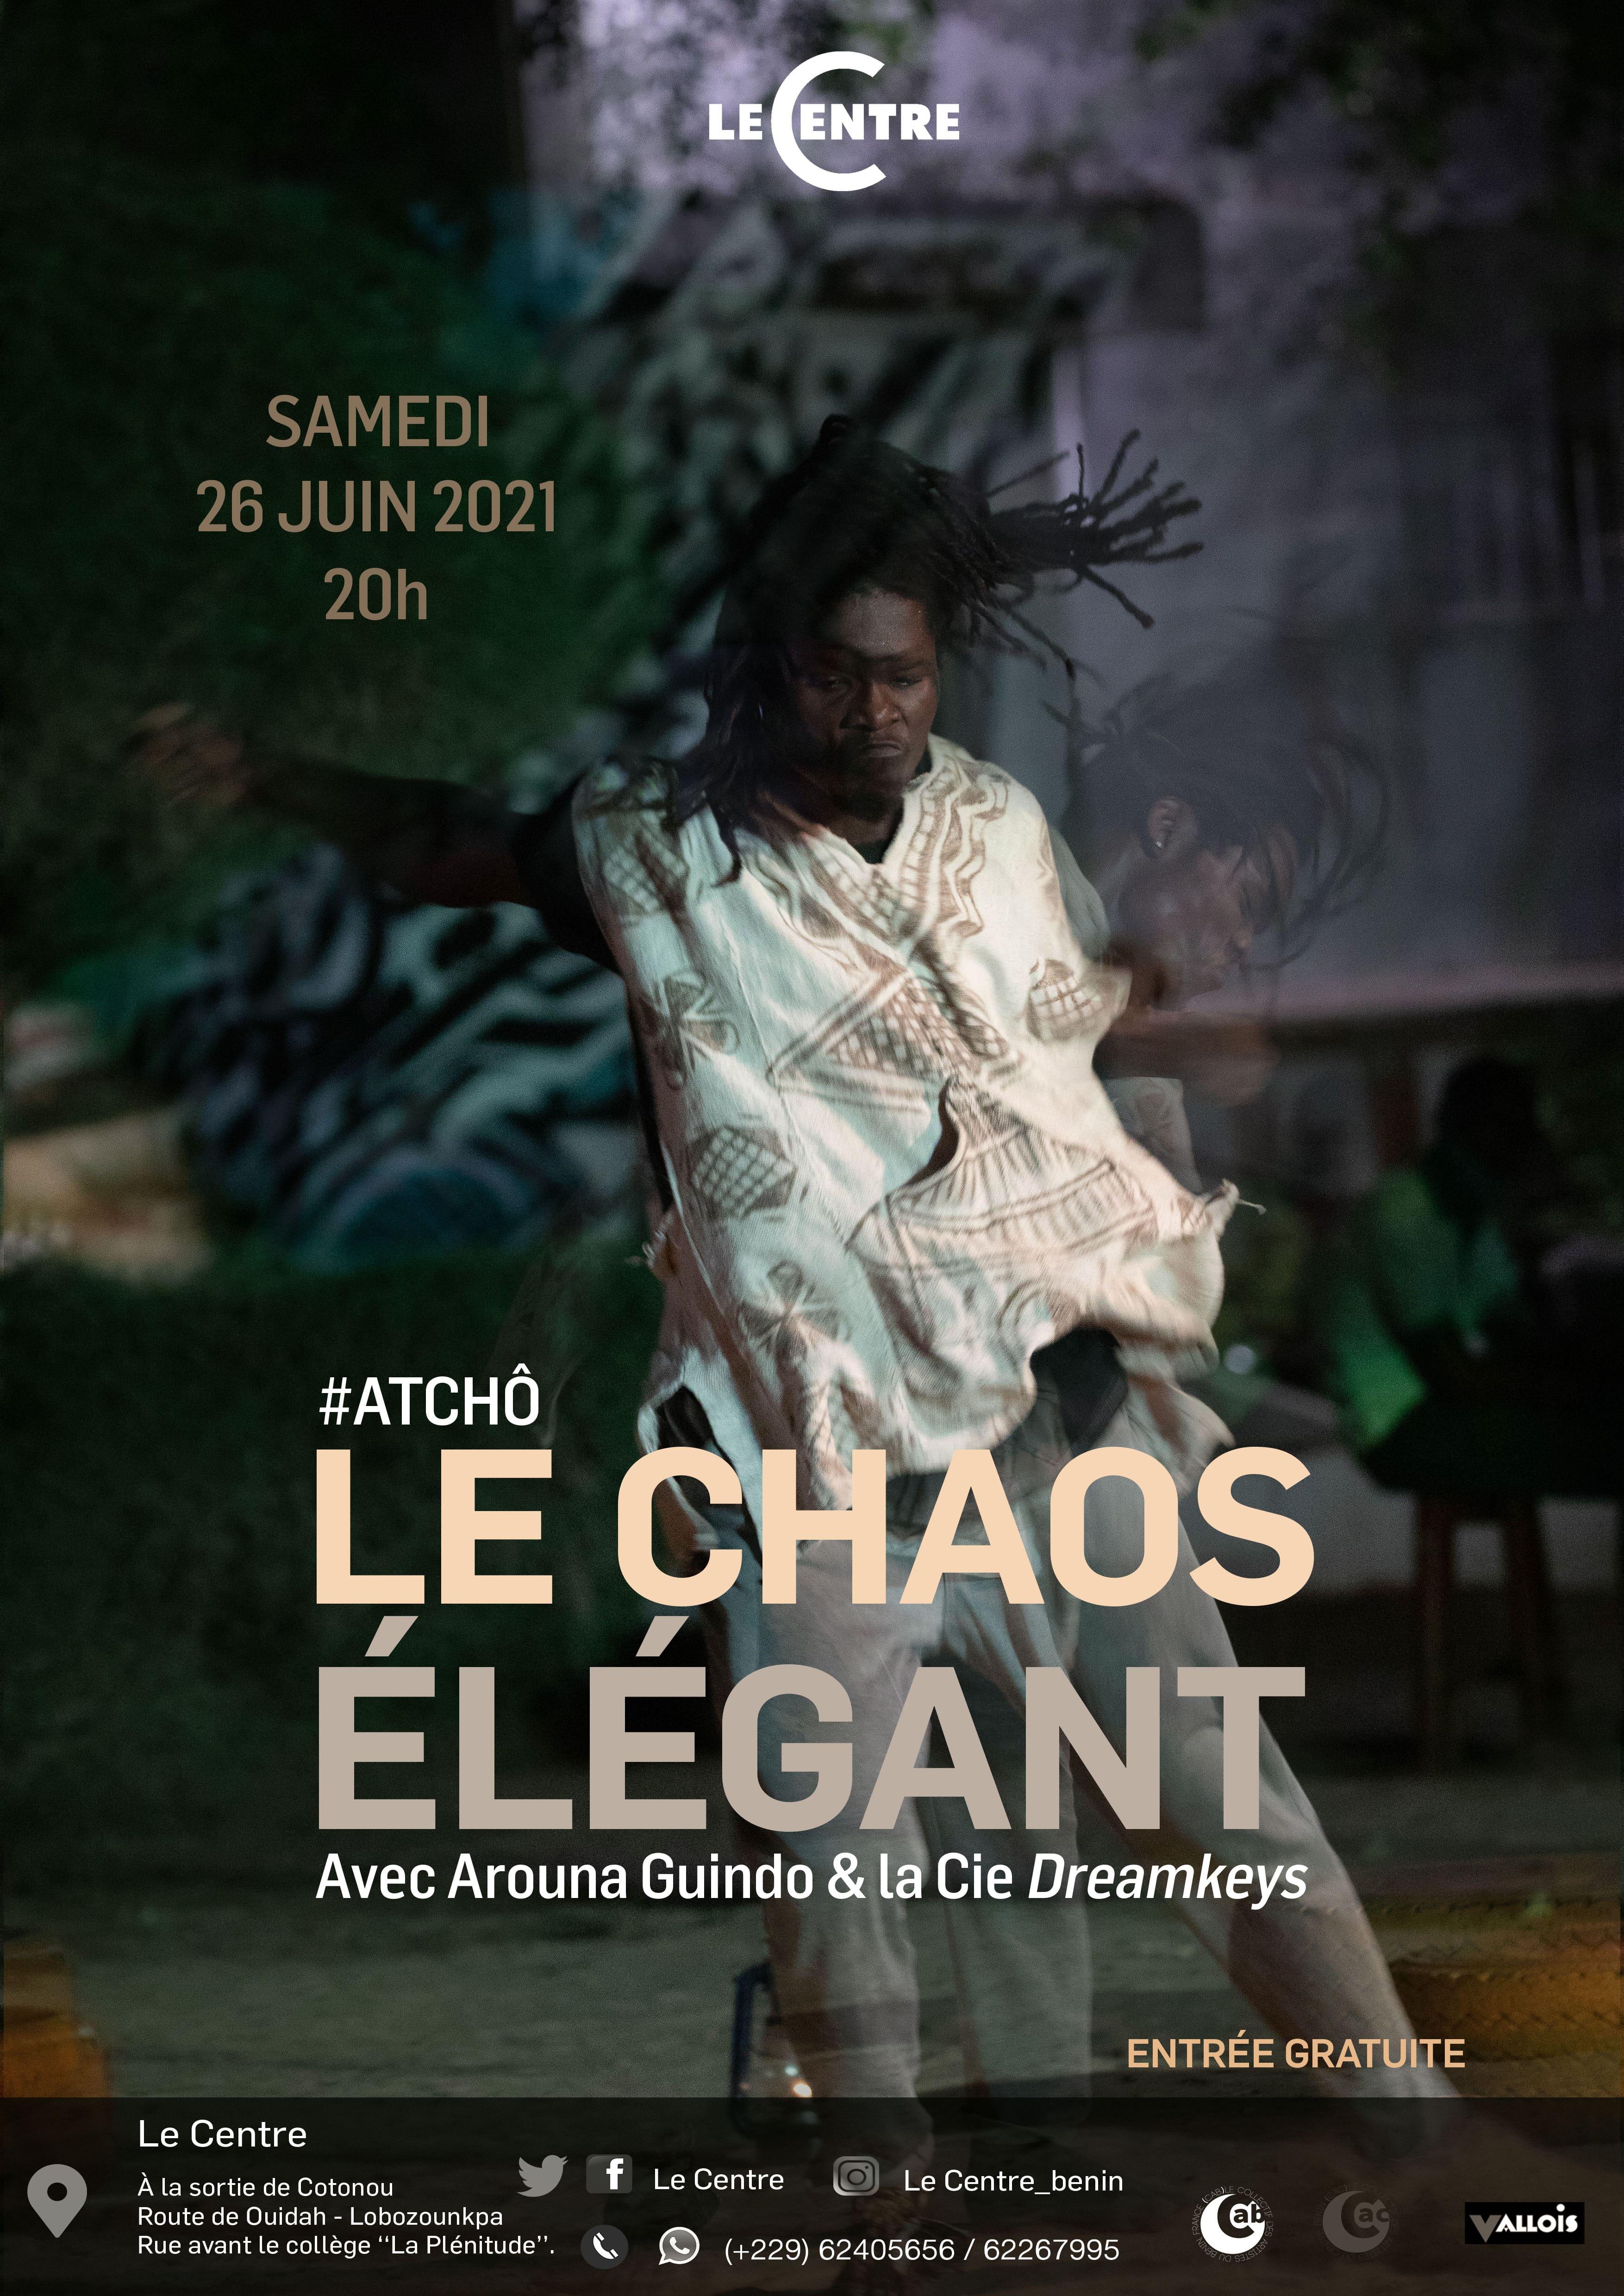 Le Chaos élégant #Atchô